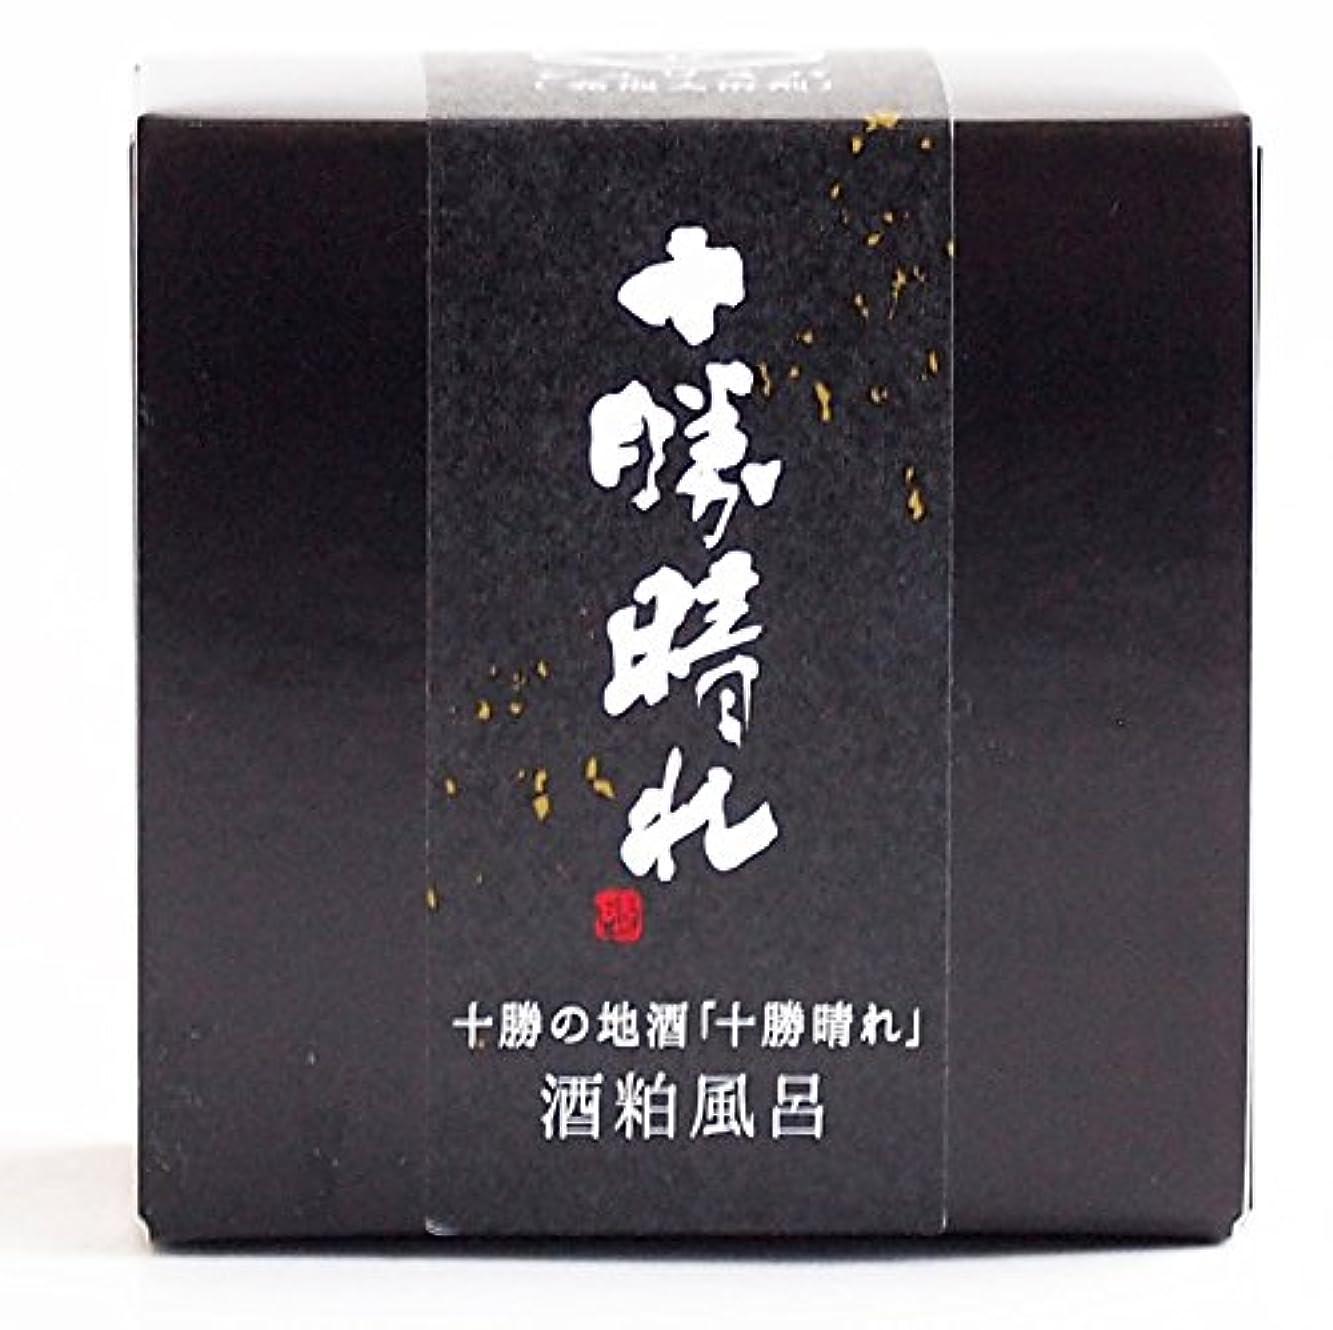 不規則なピケクレーンシュワスパ 十勝晴れの酒粕風呂 (Mサイズ2個セット)